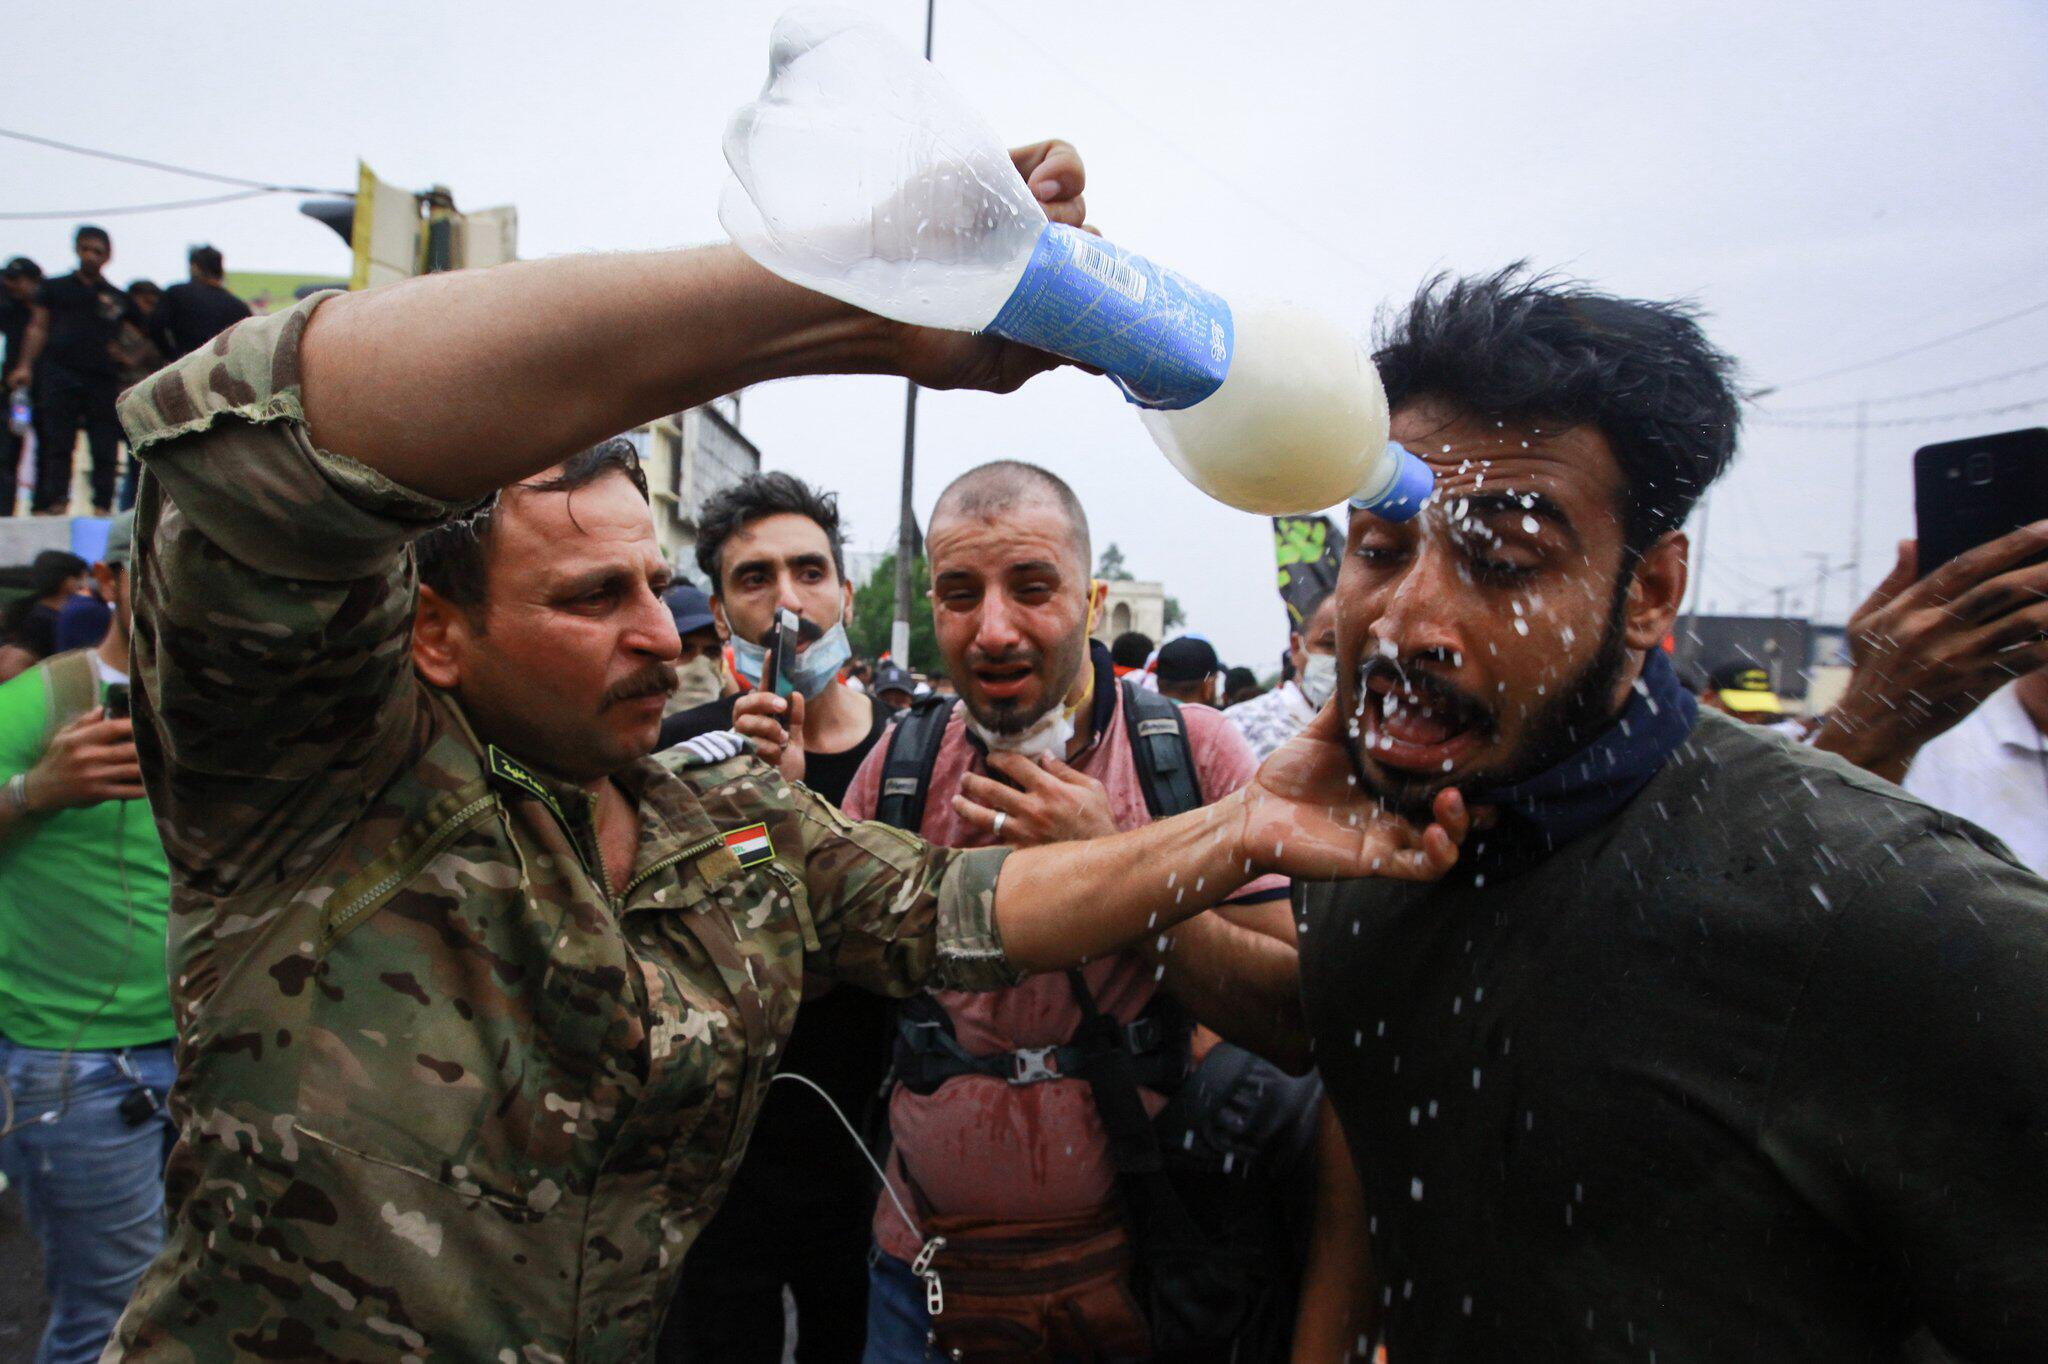 Demonstrationen: Erneut Proteste im Irak: 63 Menschen sterben